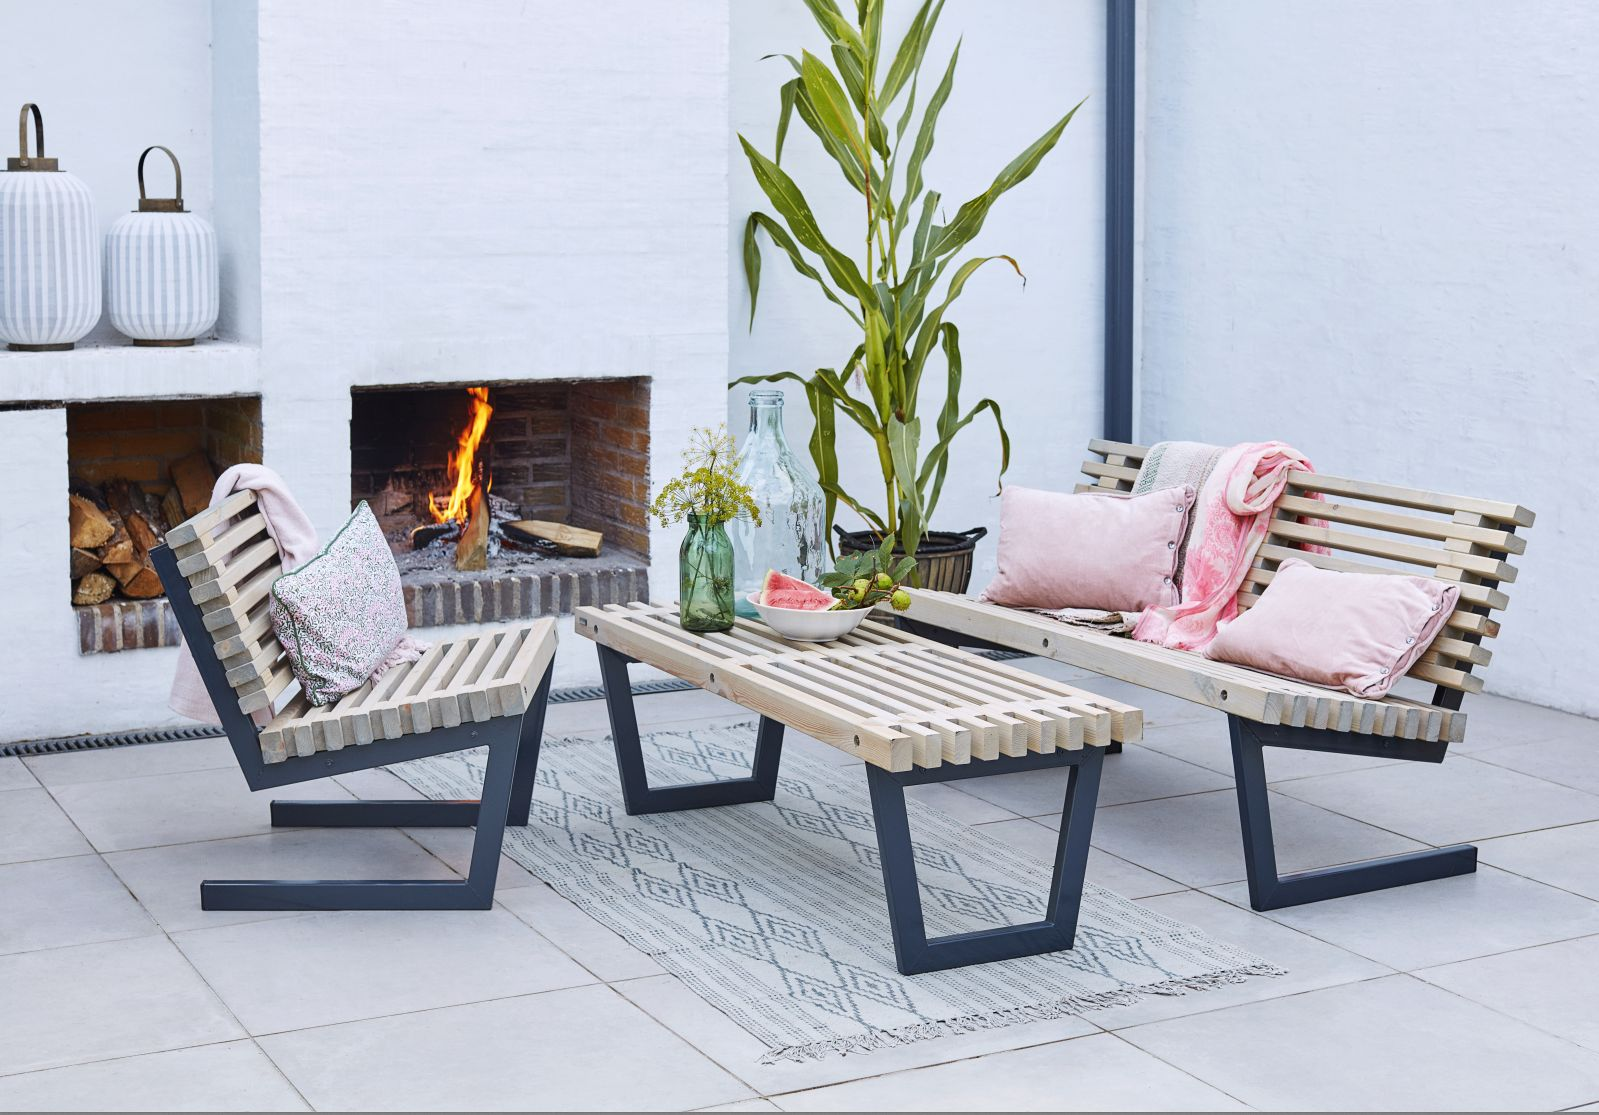 Garten im Quadrat | Design-Garten-Sofa aus Holz, Loft-Style